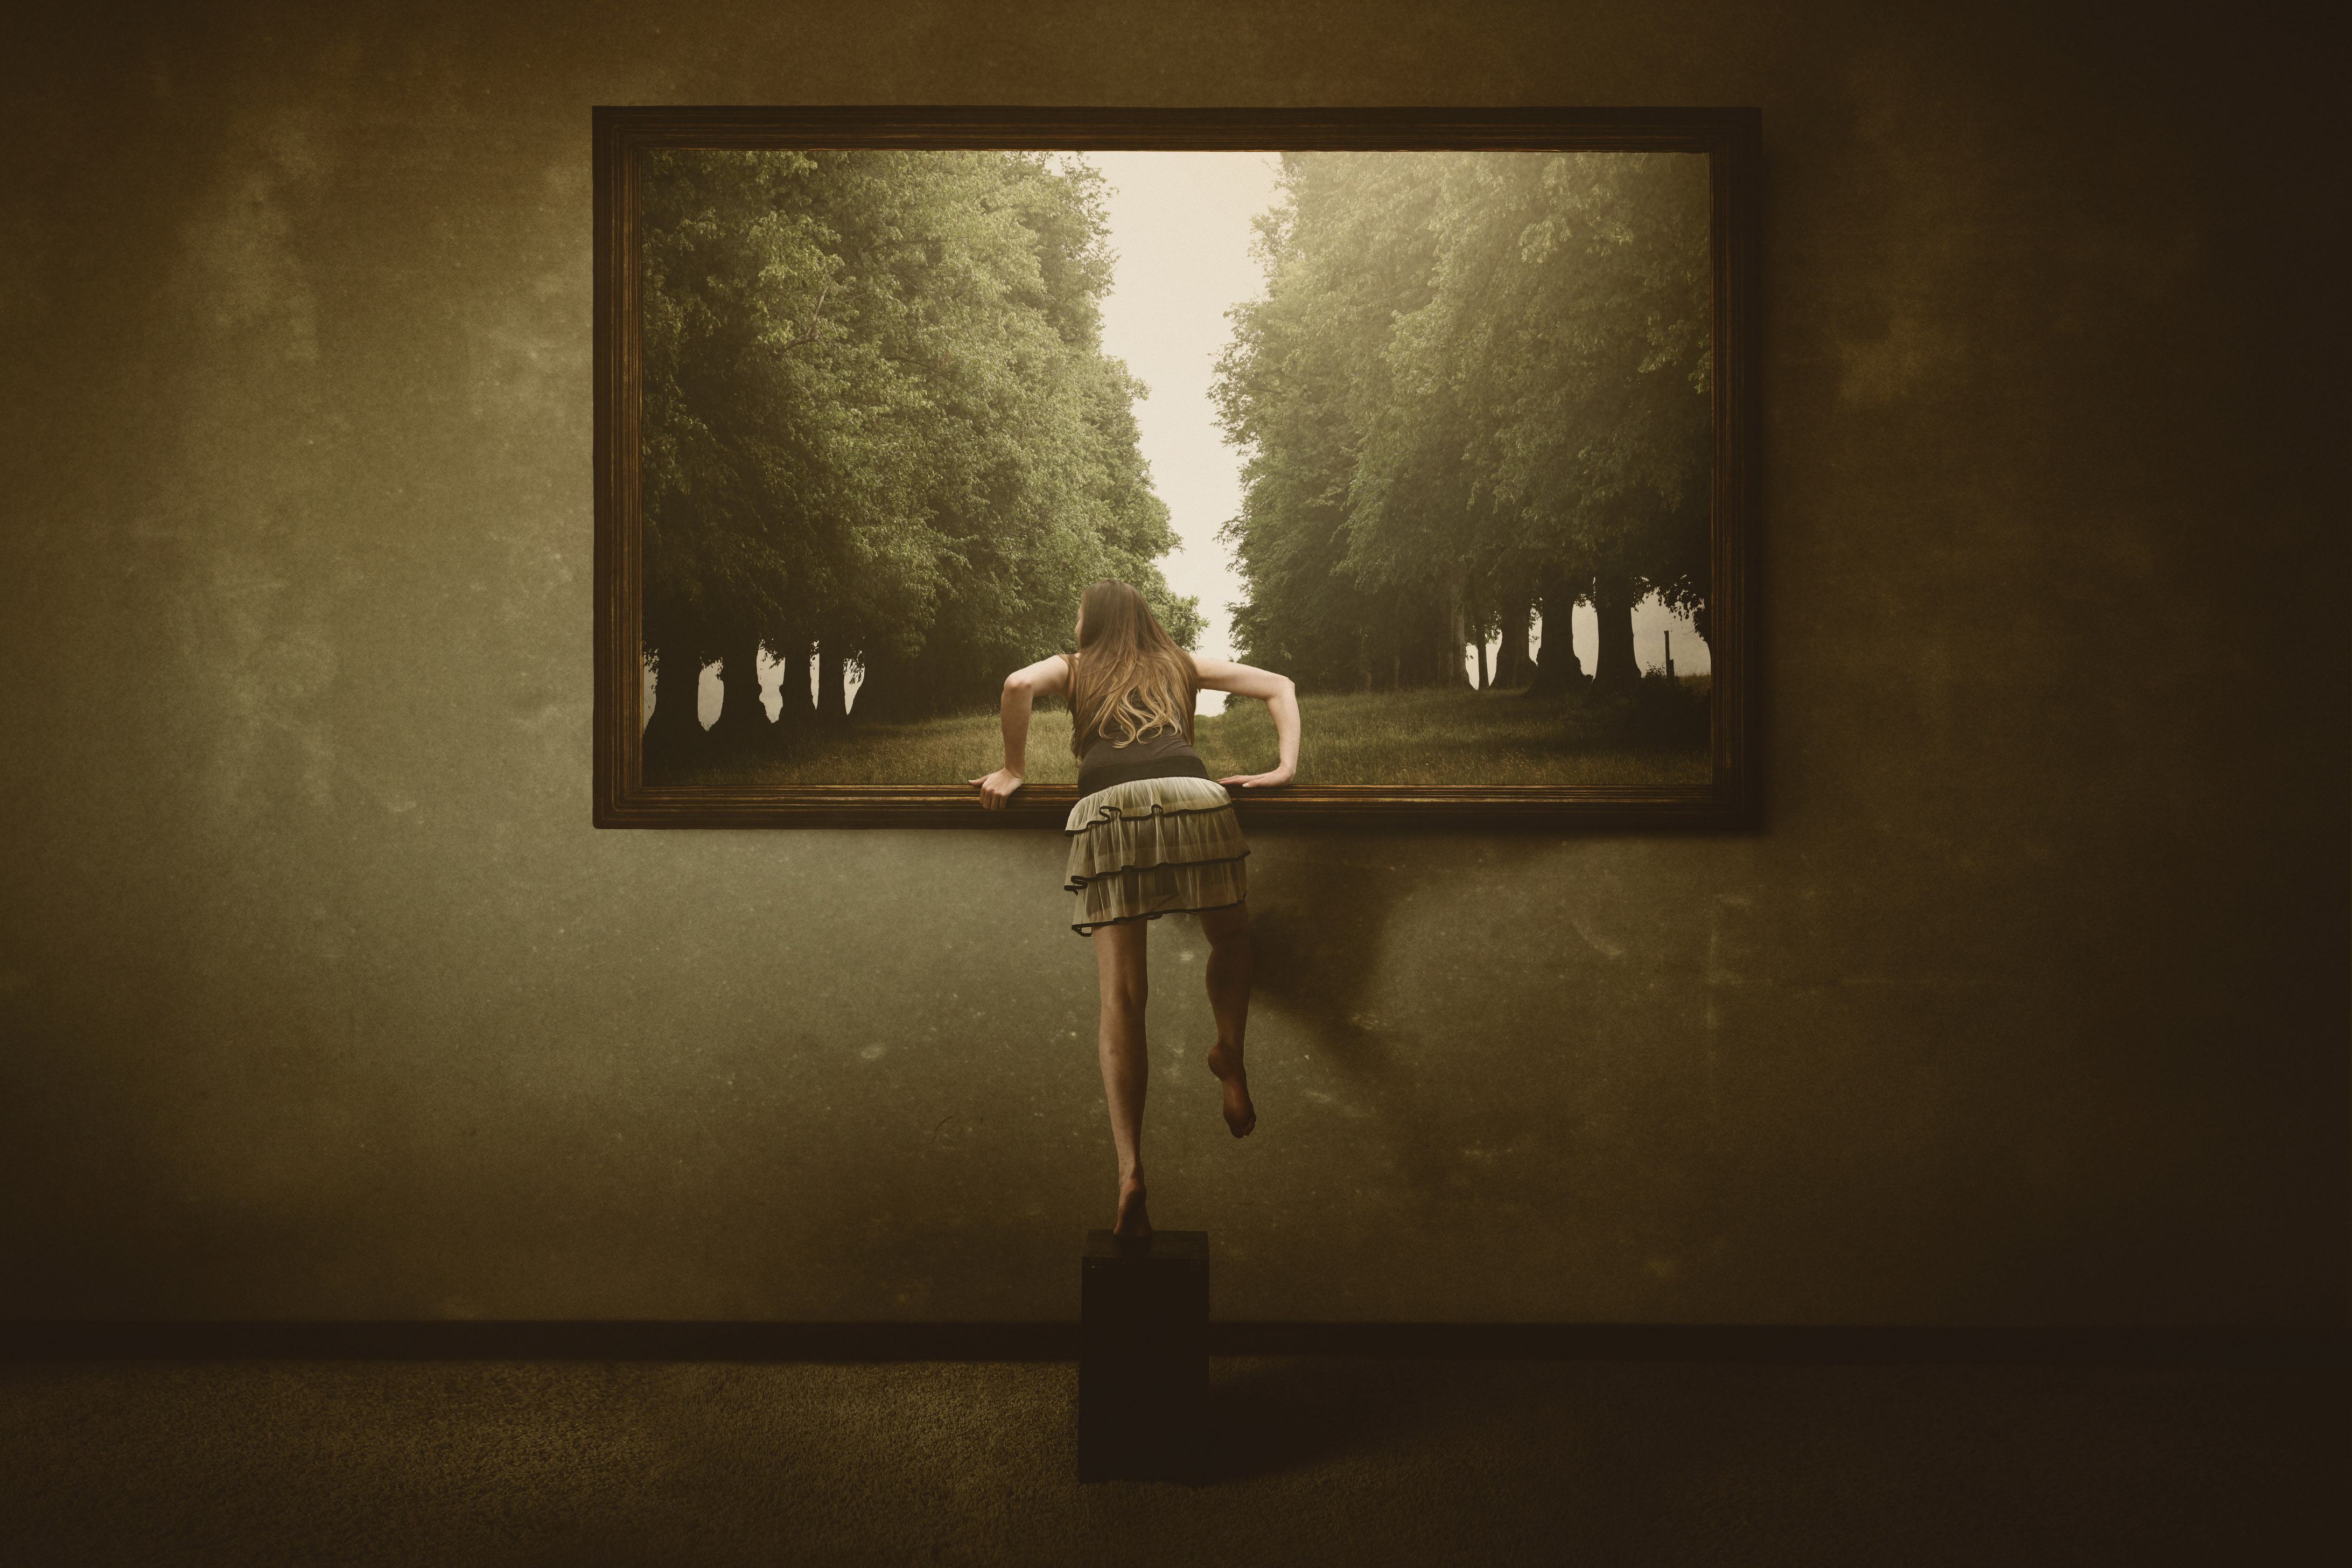 Keren Stanley fine artist conceptual surreal art